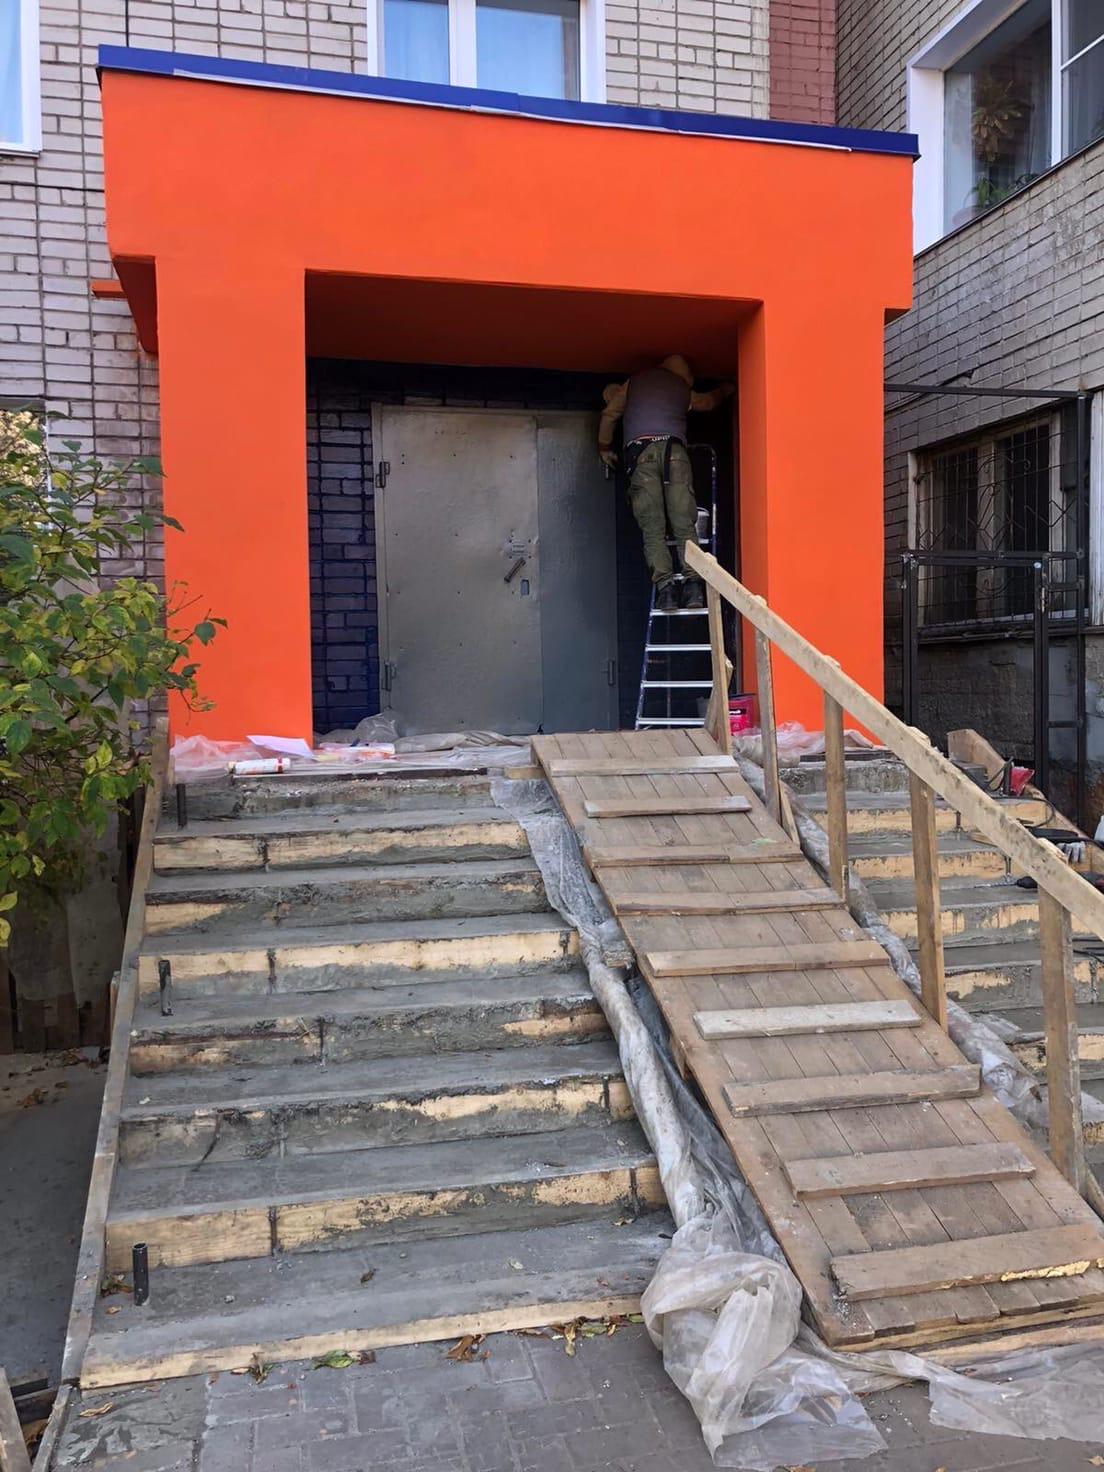 Улица Чехова дом 8 продолжение декоративного ремонта